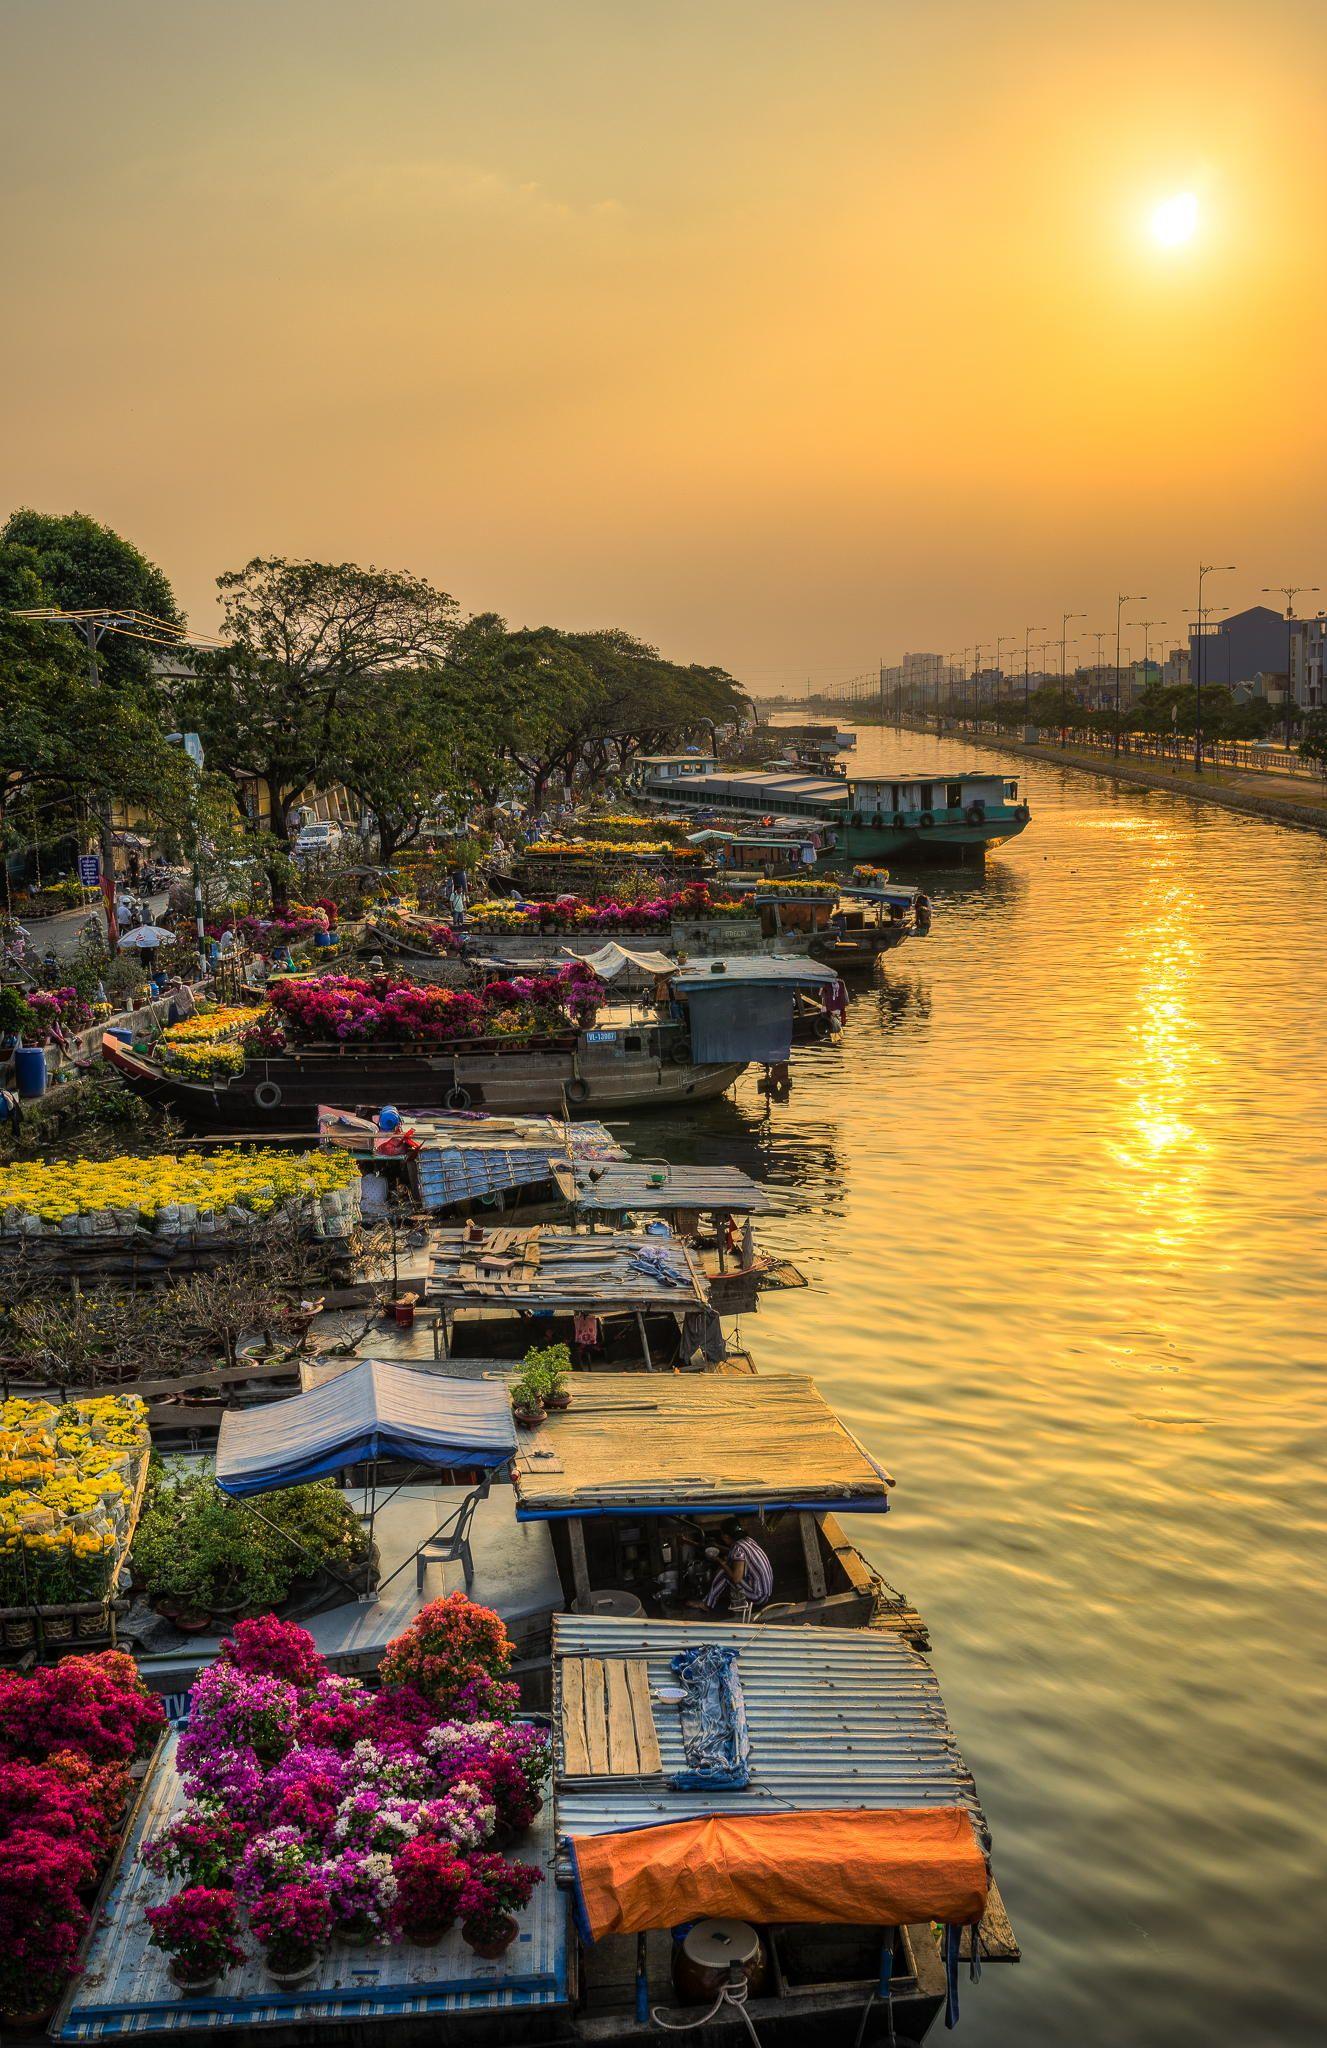 Binh Dong Floating Flower Market.Floating Flower Market At Binh Dong Canal During Chinese New Year